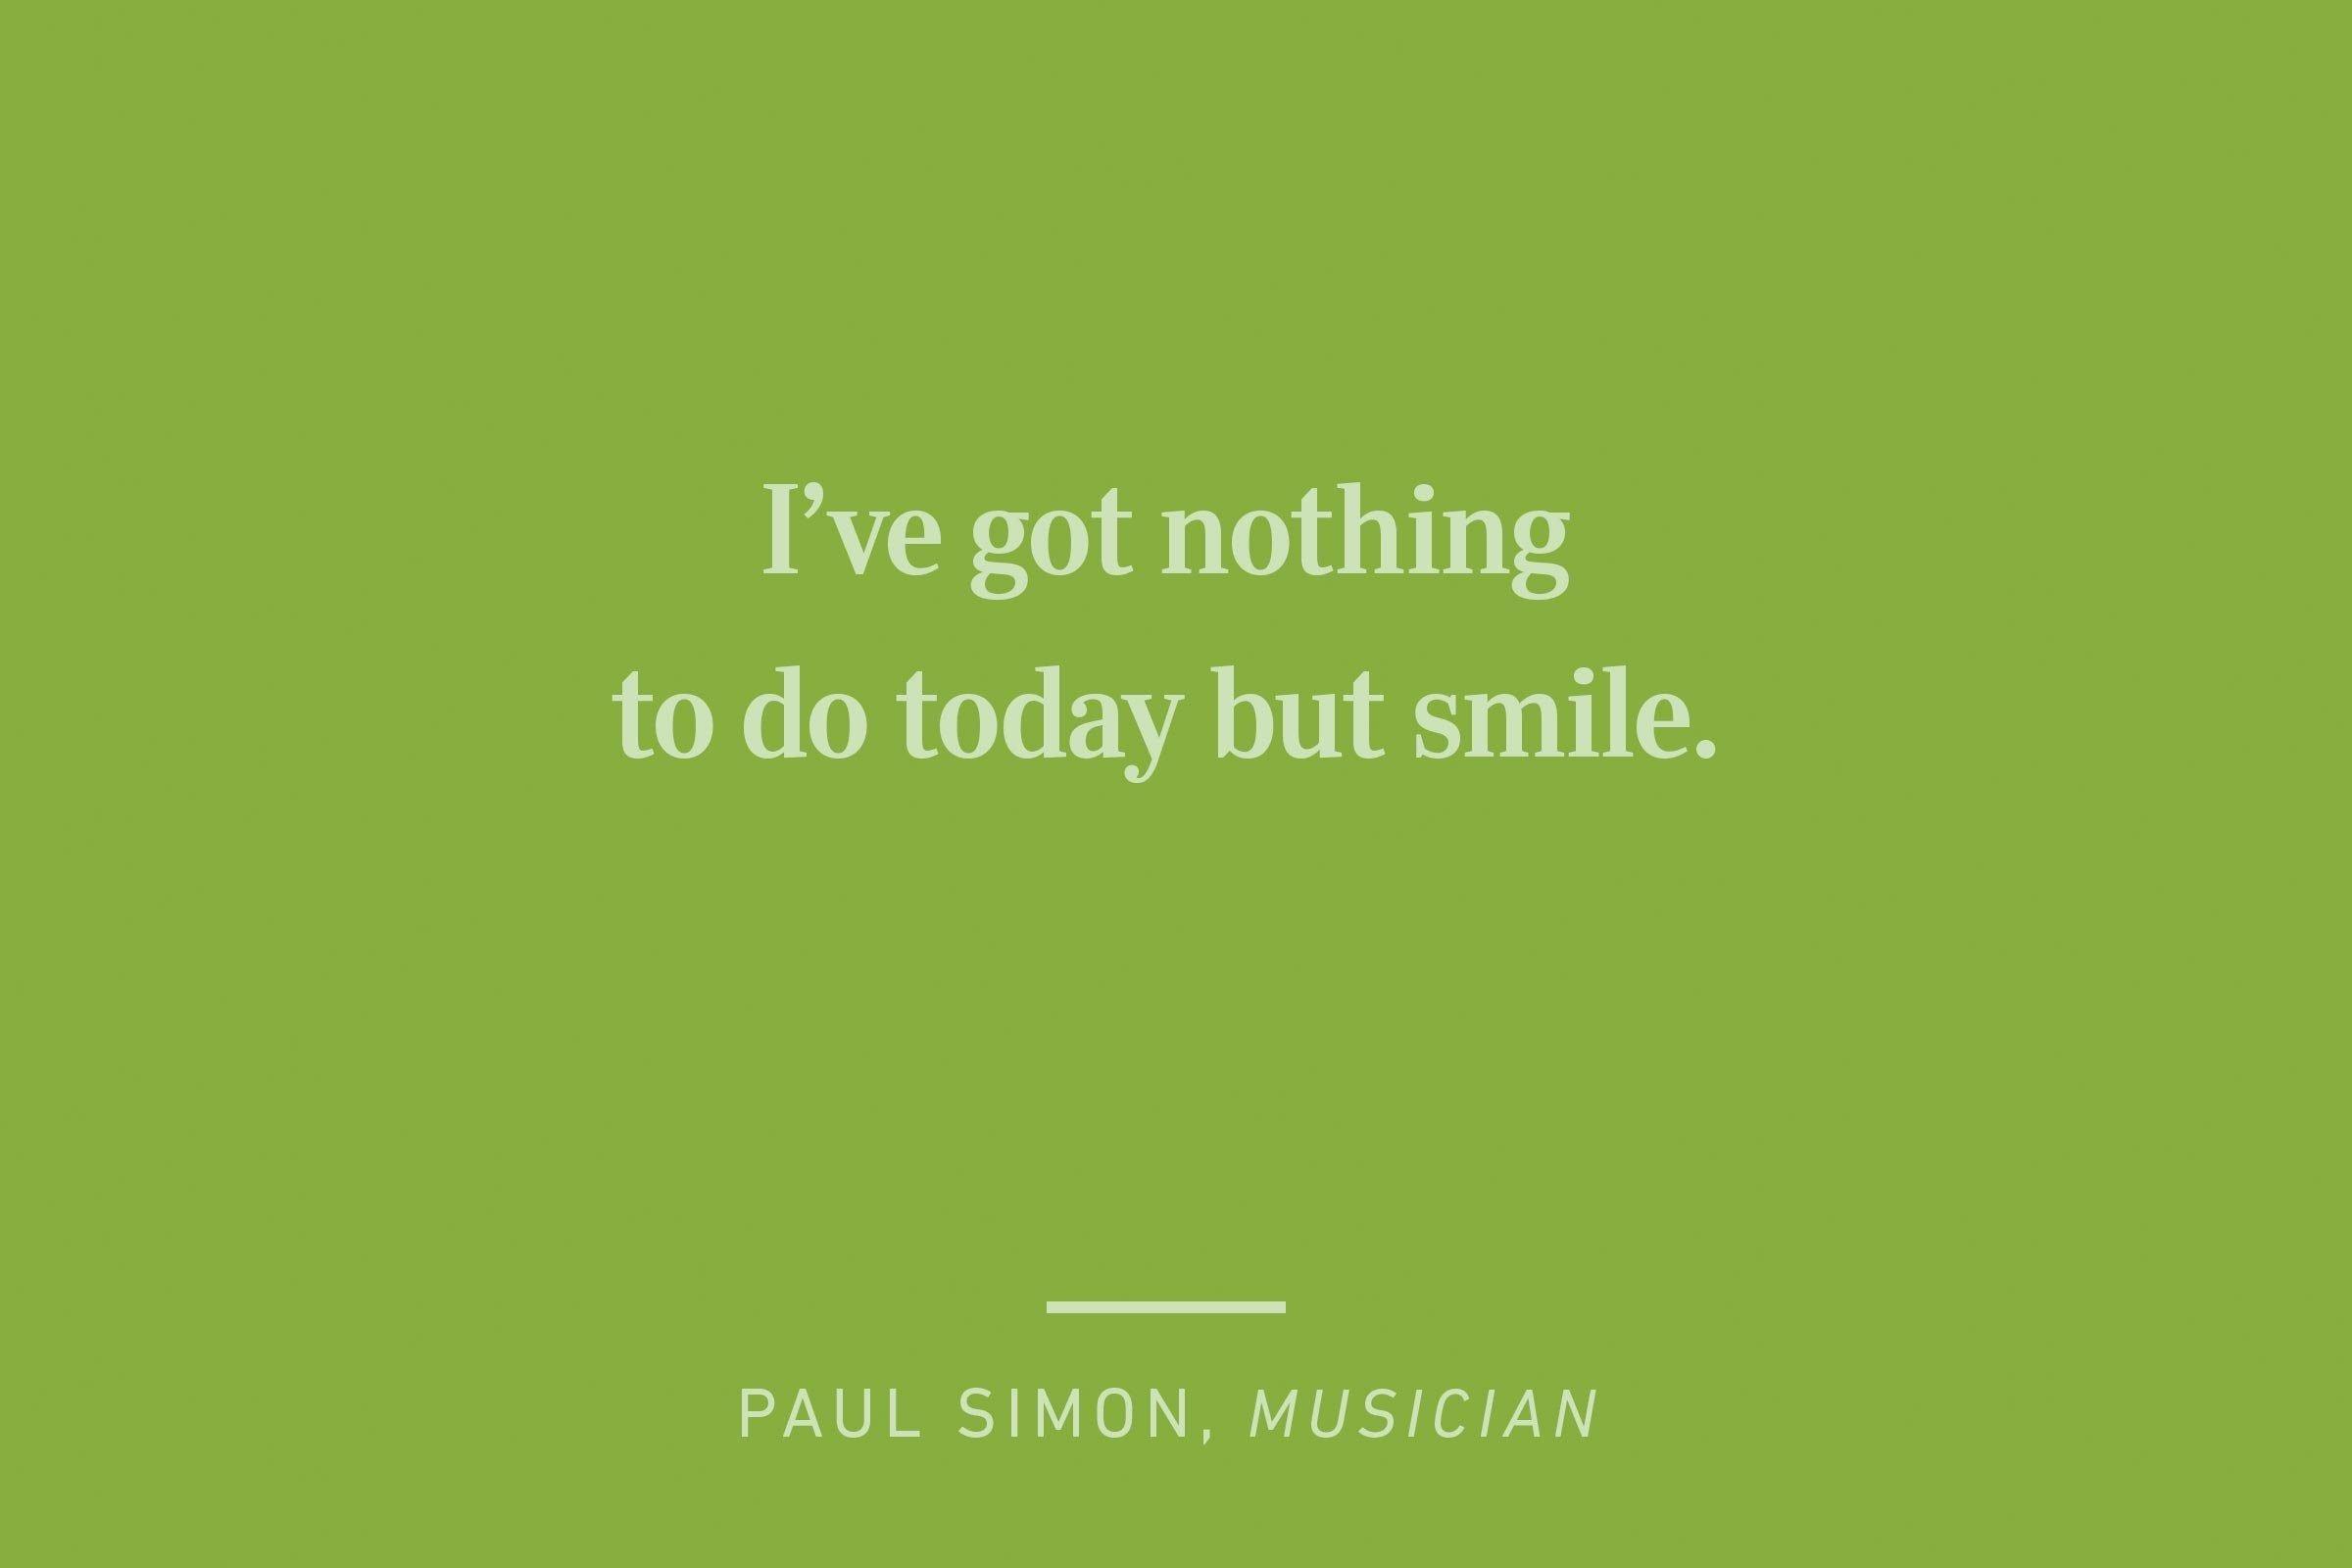 paul simon happiness quote